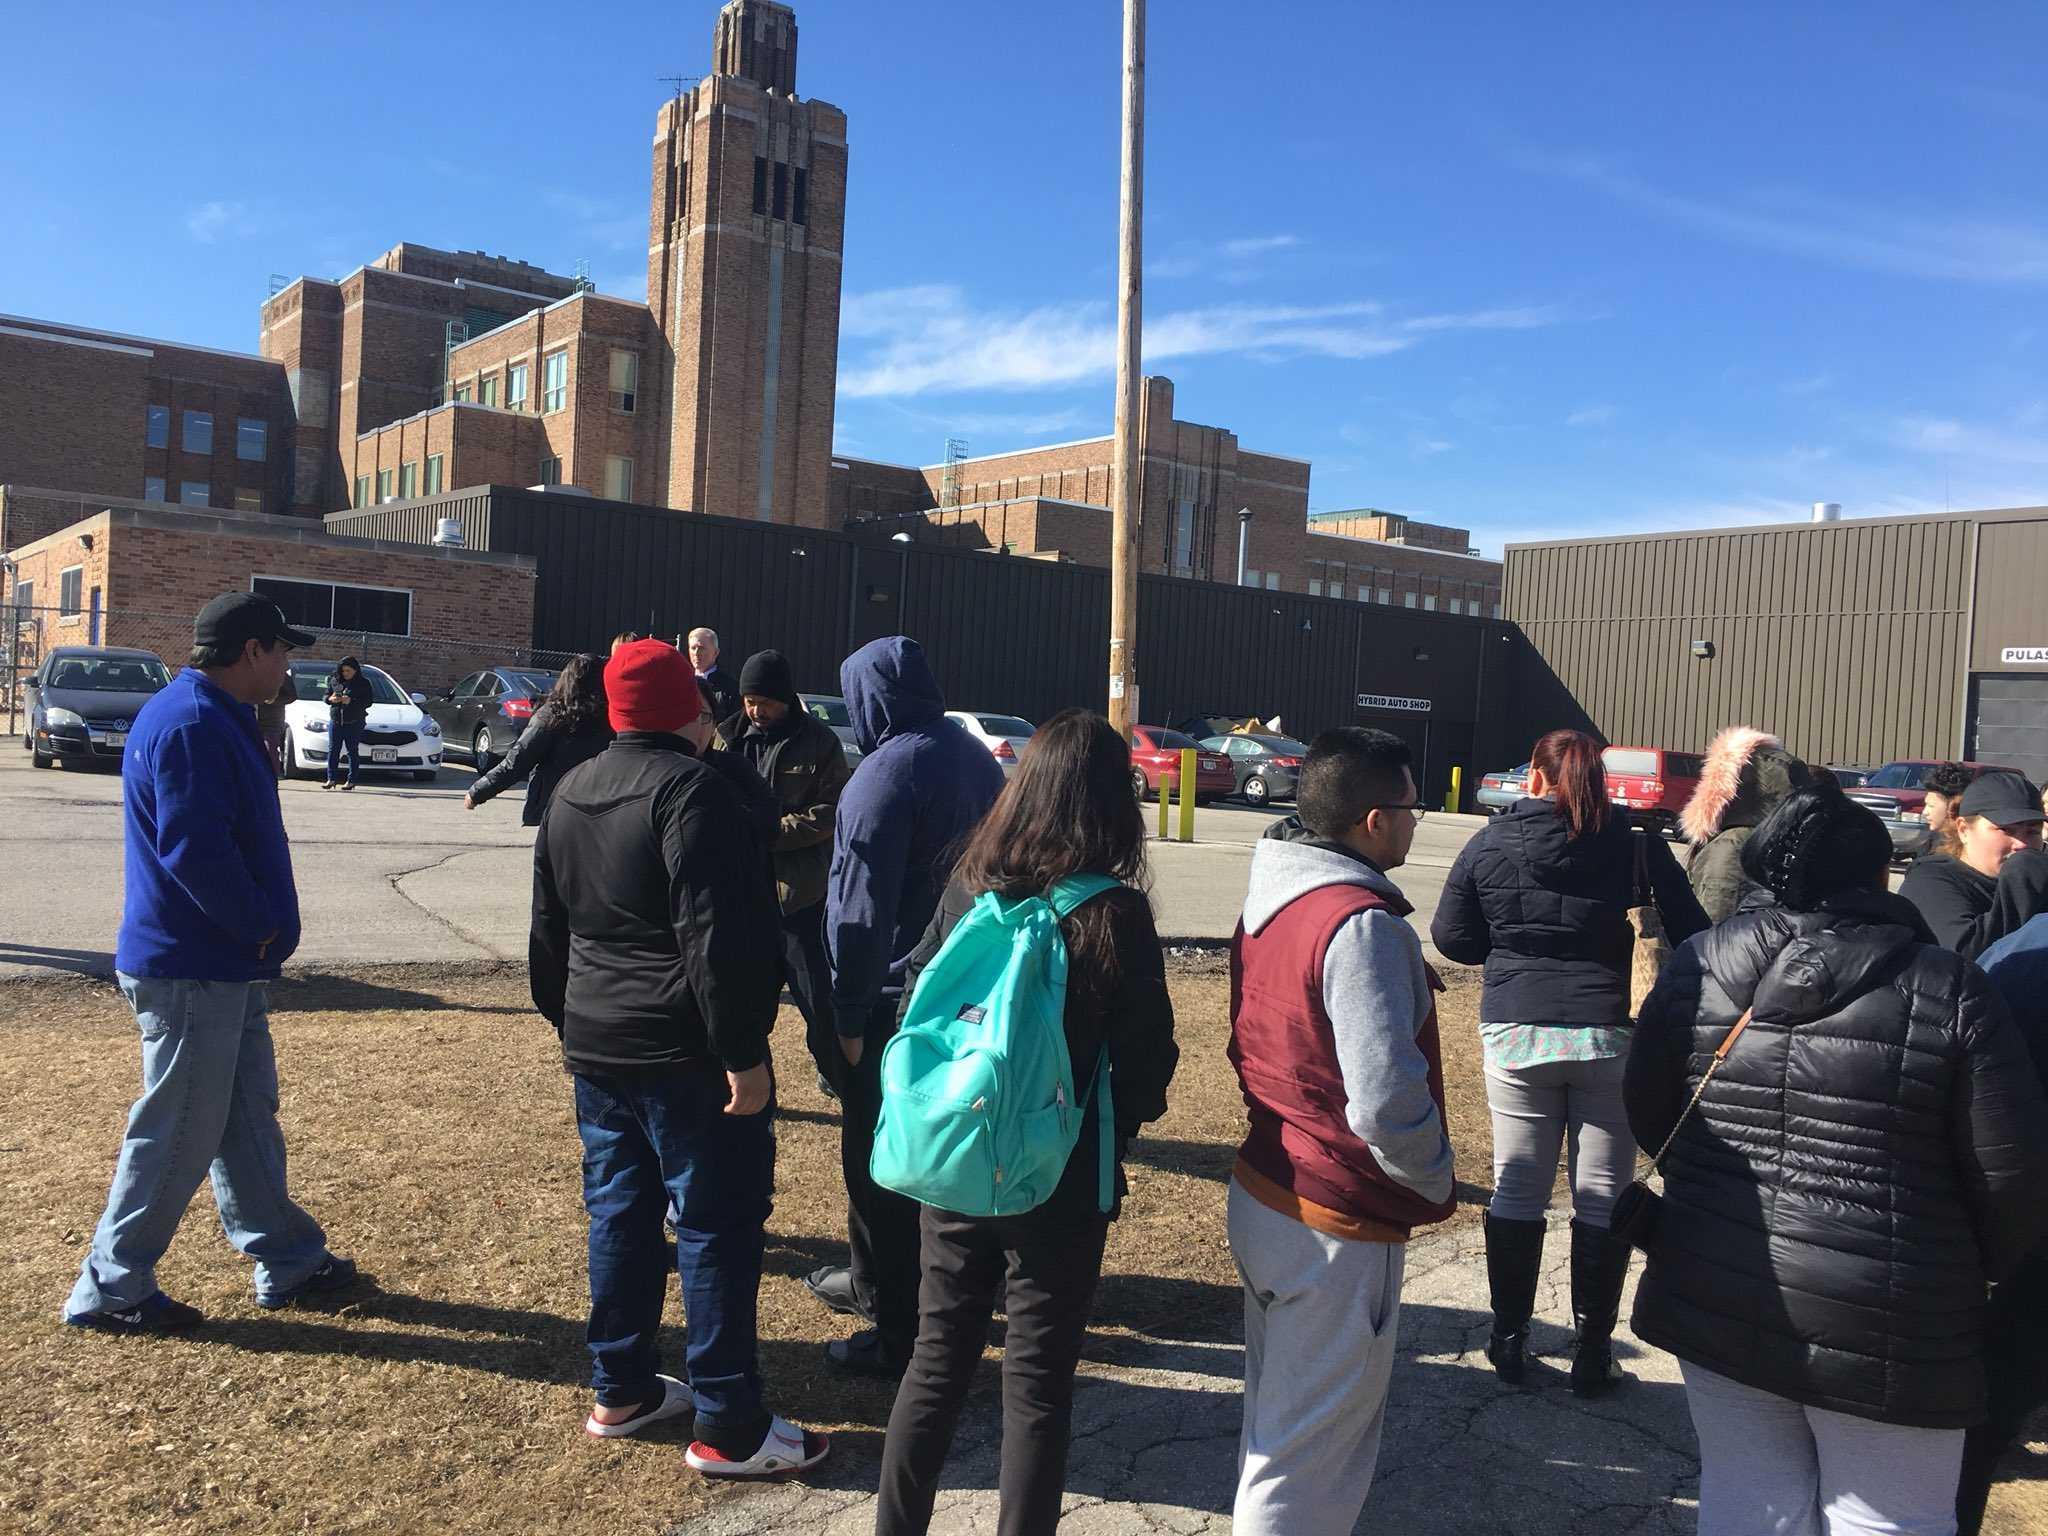 Police search Pulaski High School amid gun fear